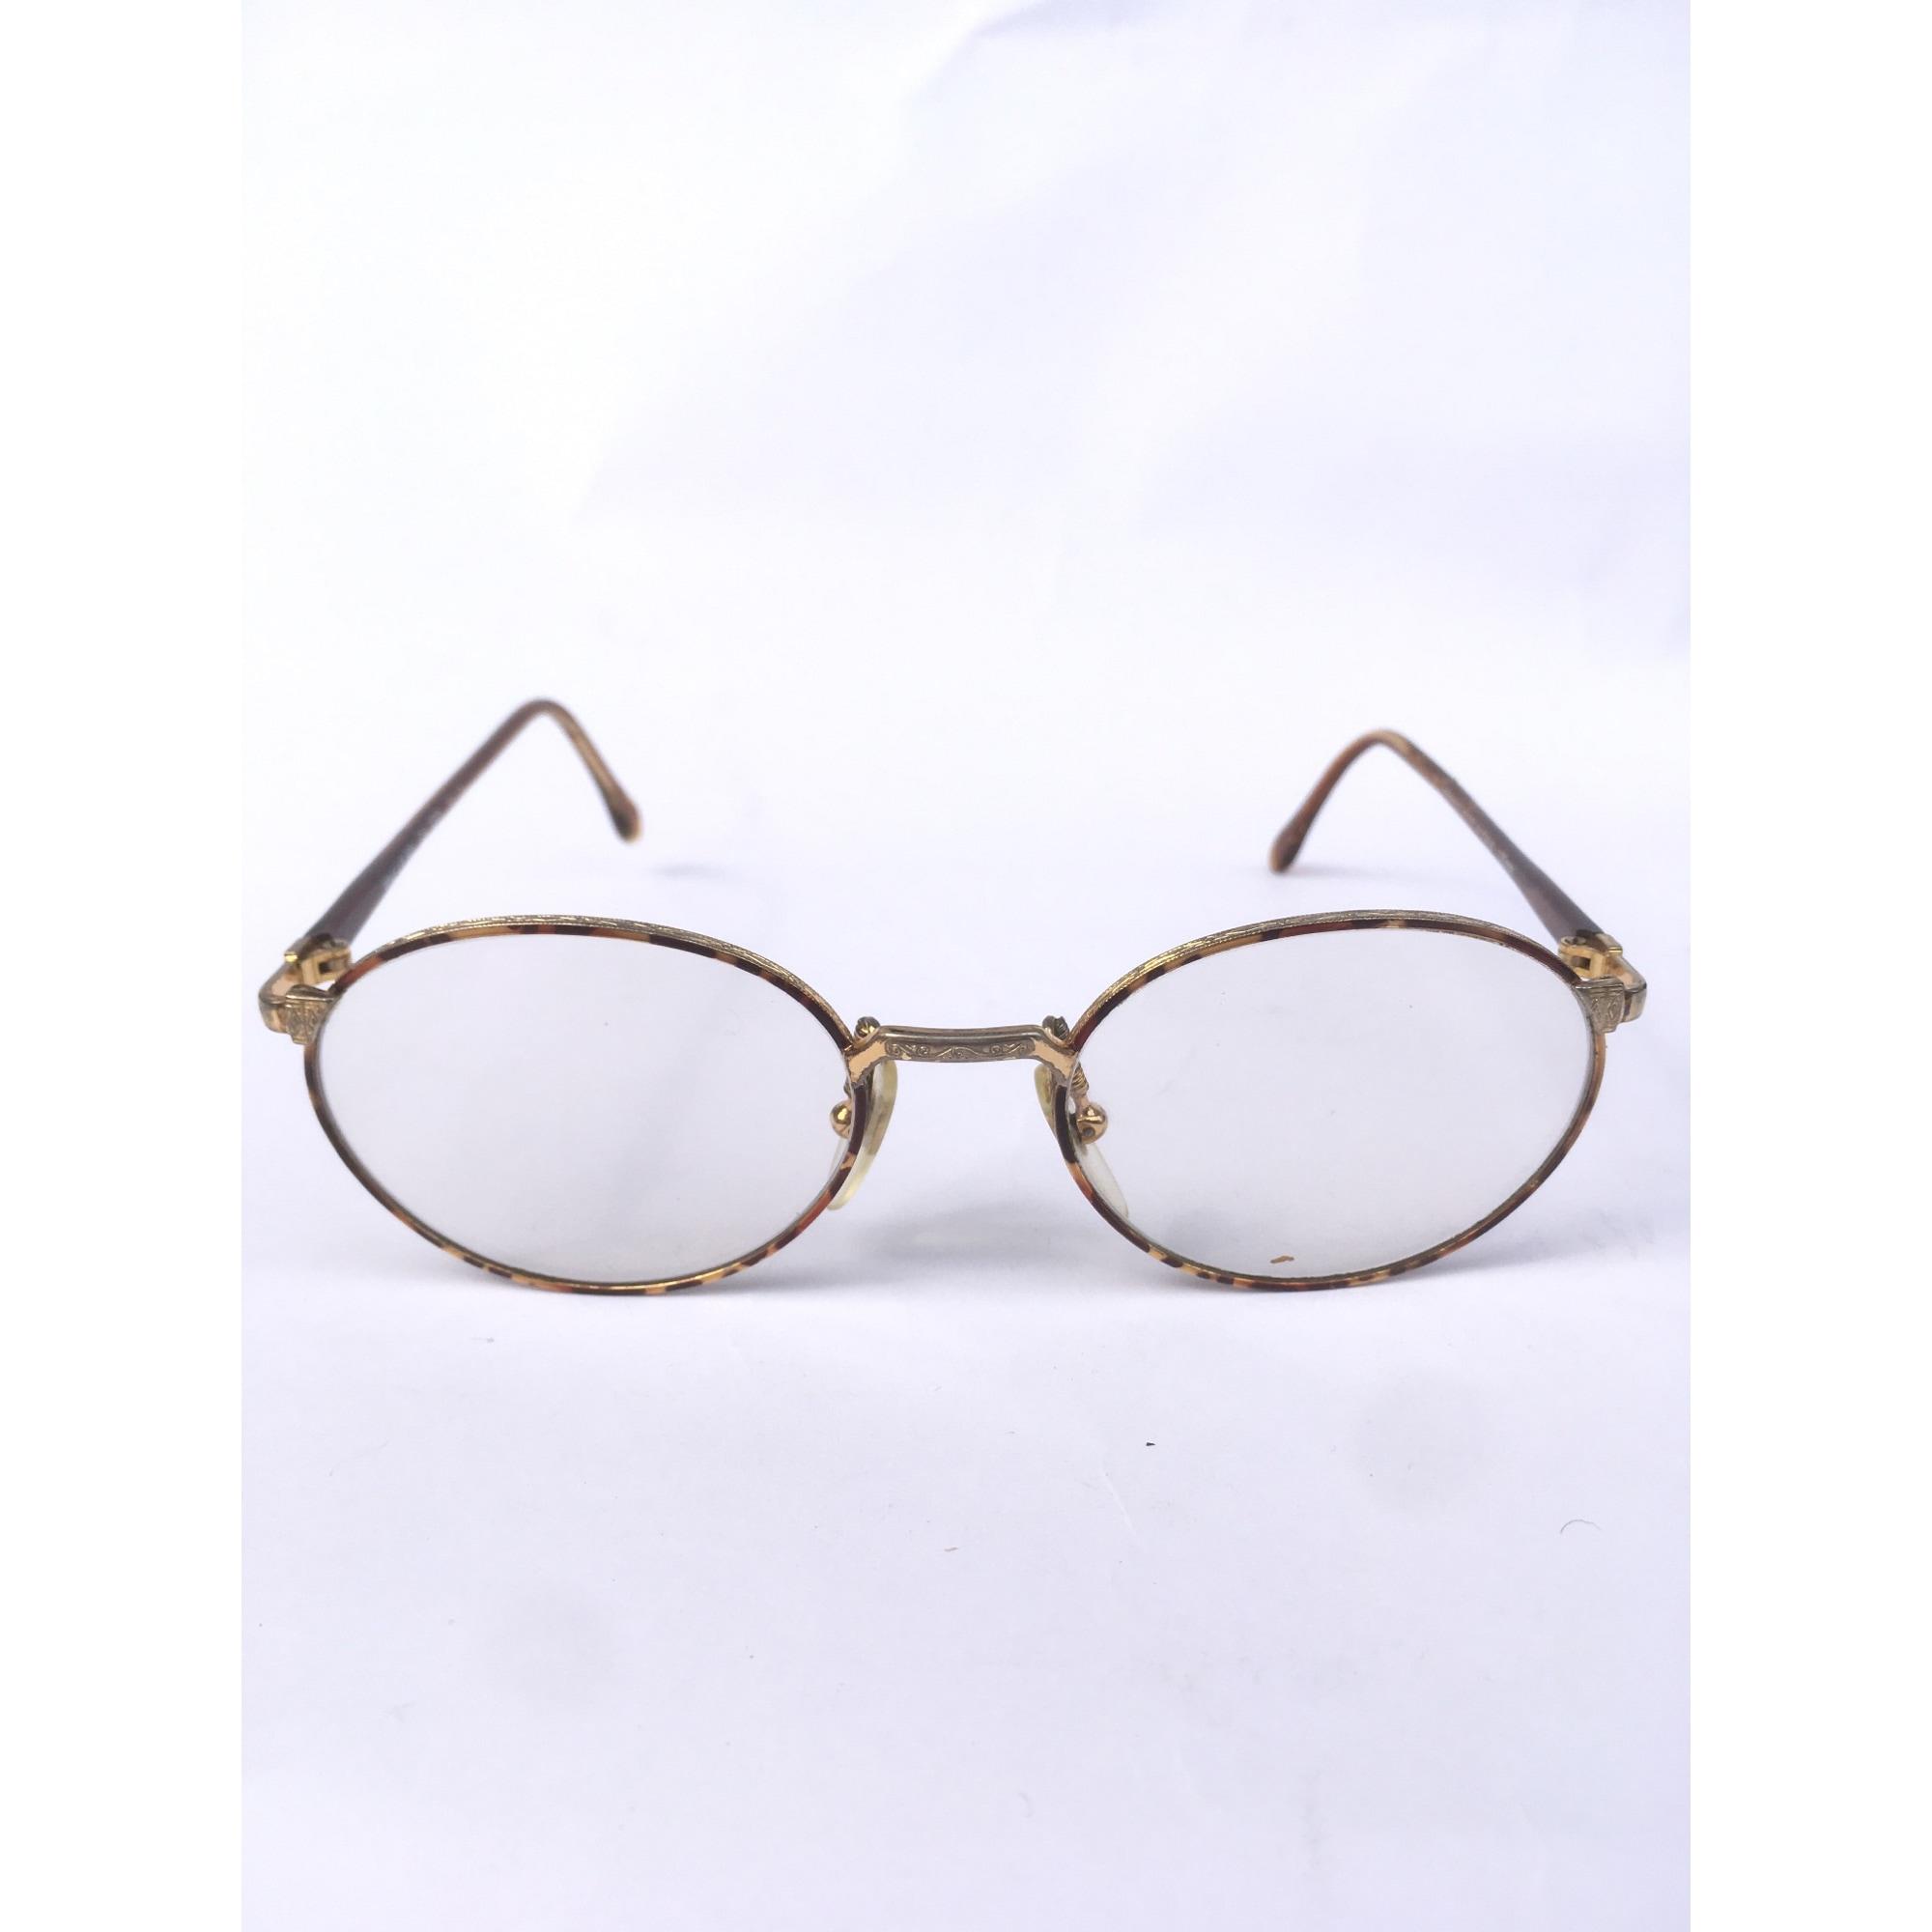 Monture de lunettes VINTAGE Doré, bronze, cuivre